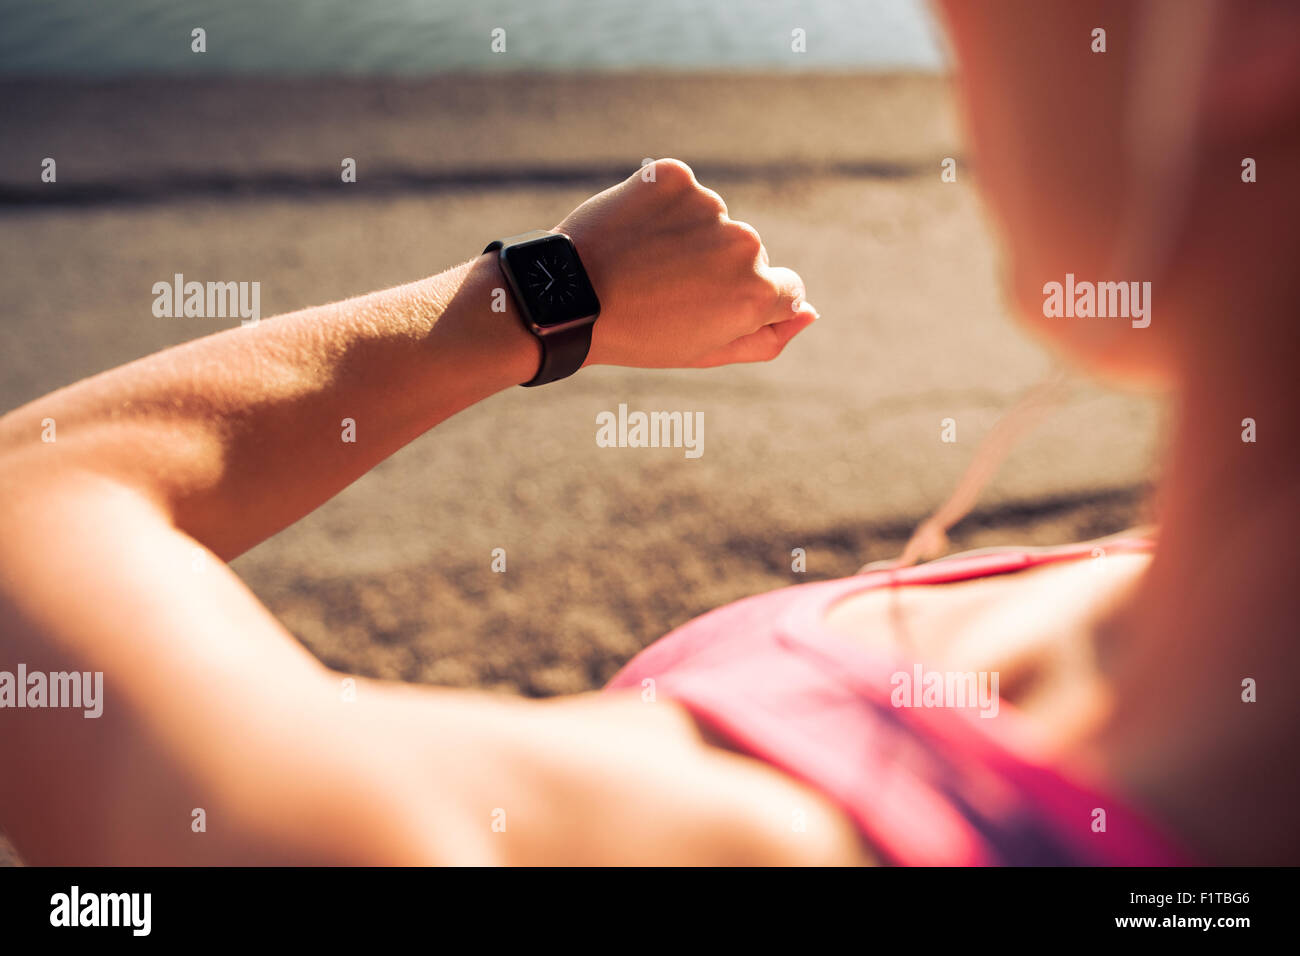 Closeup Aufnahme von jungen weiblichen Jogger betriebsbereit eingestellt und suchen bei Sport Smartwatch. Fitness Stockbild